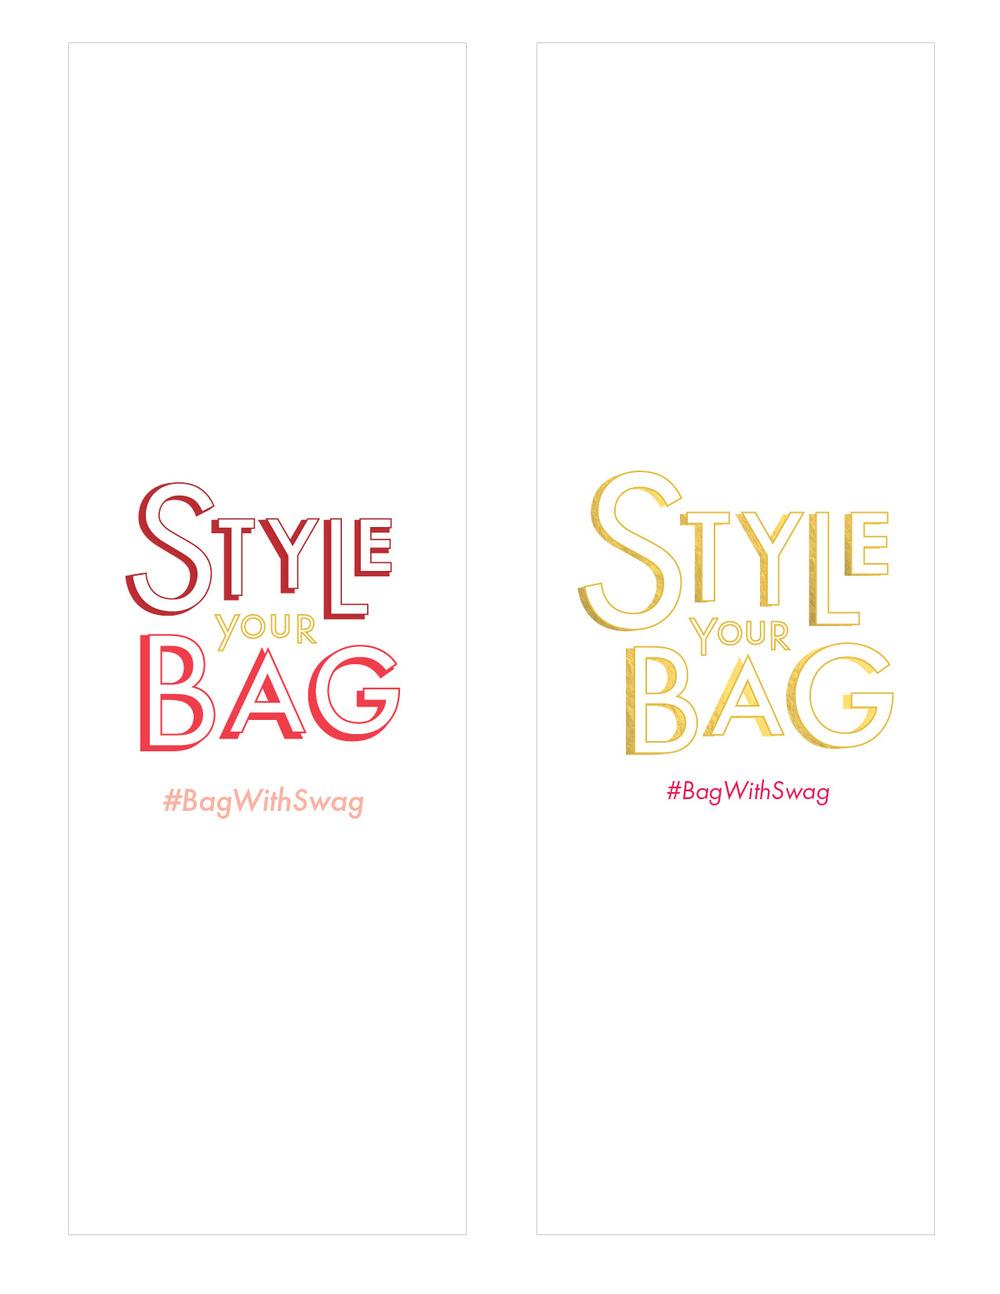 StyleYourBag.jpg